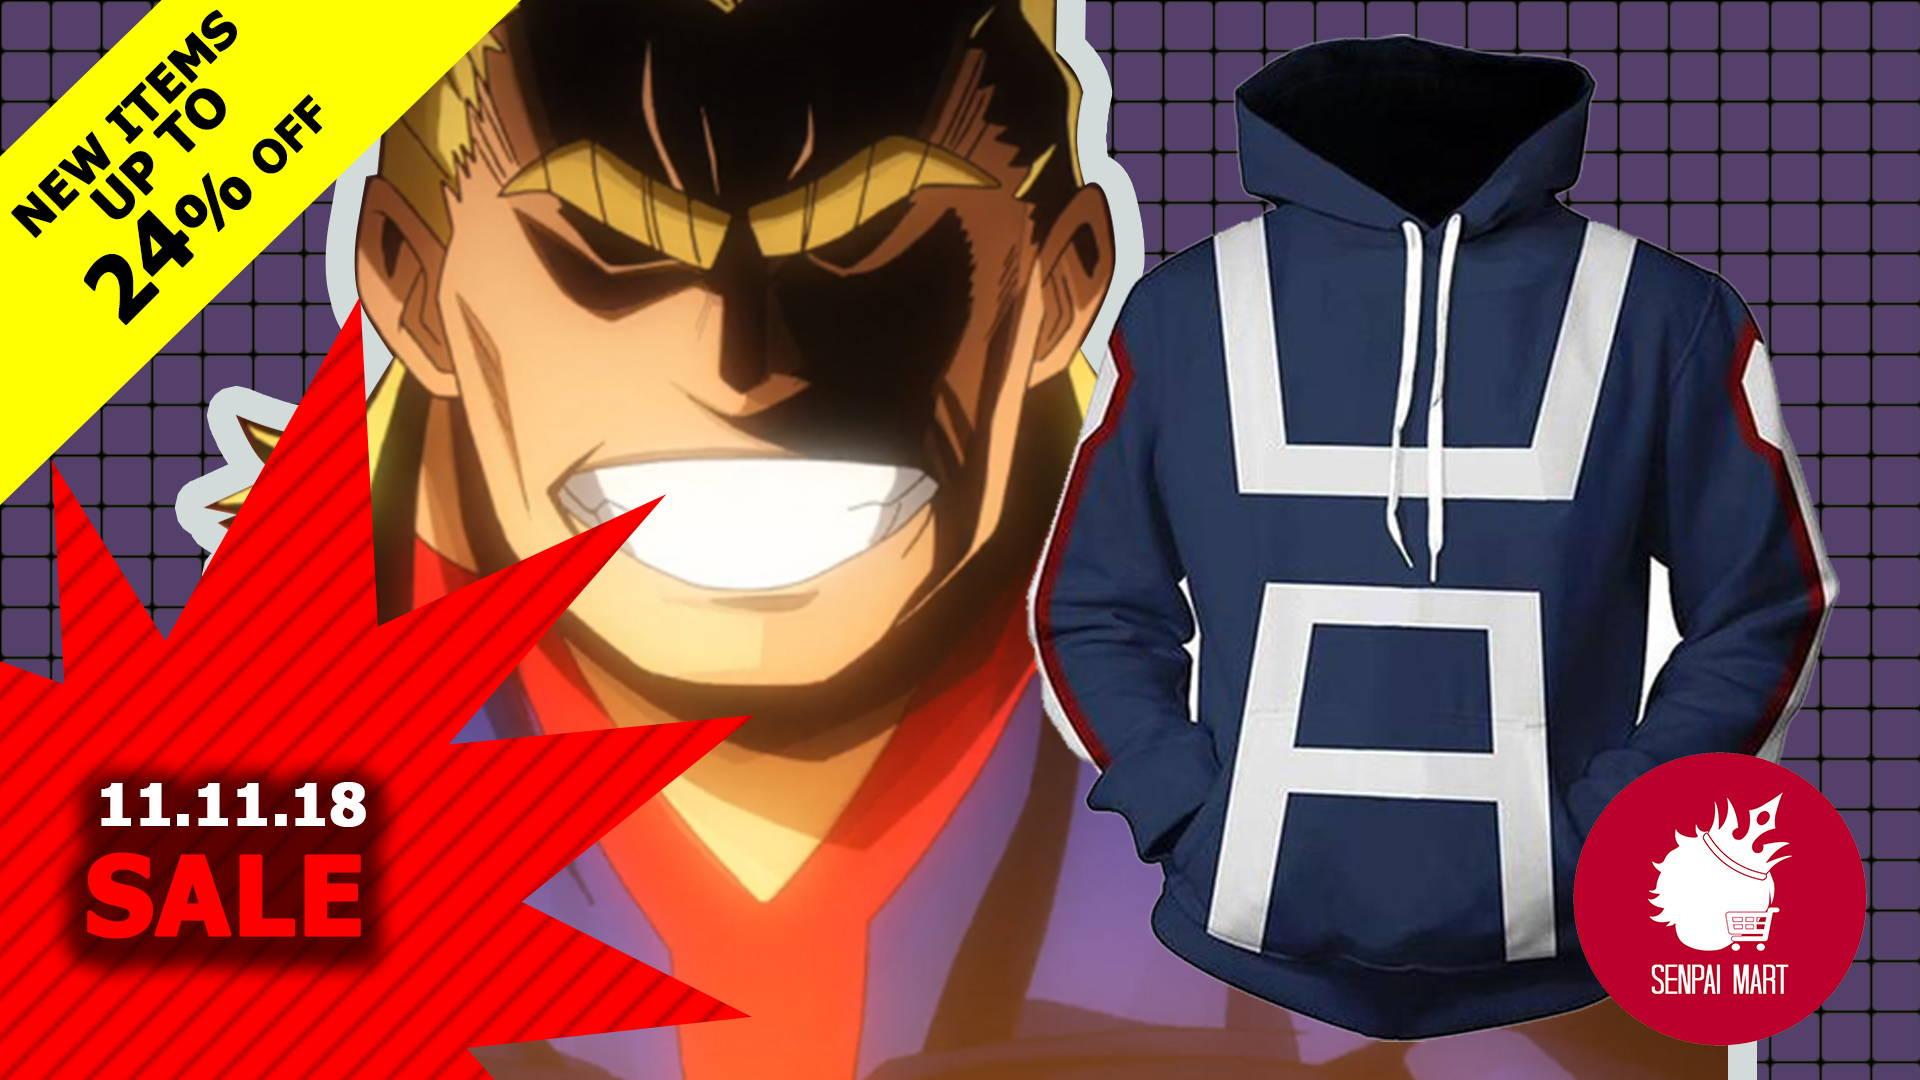 anime 11.11 sale